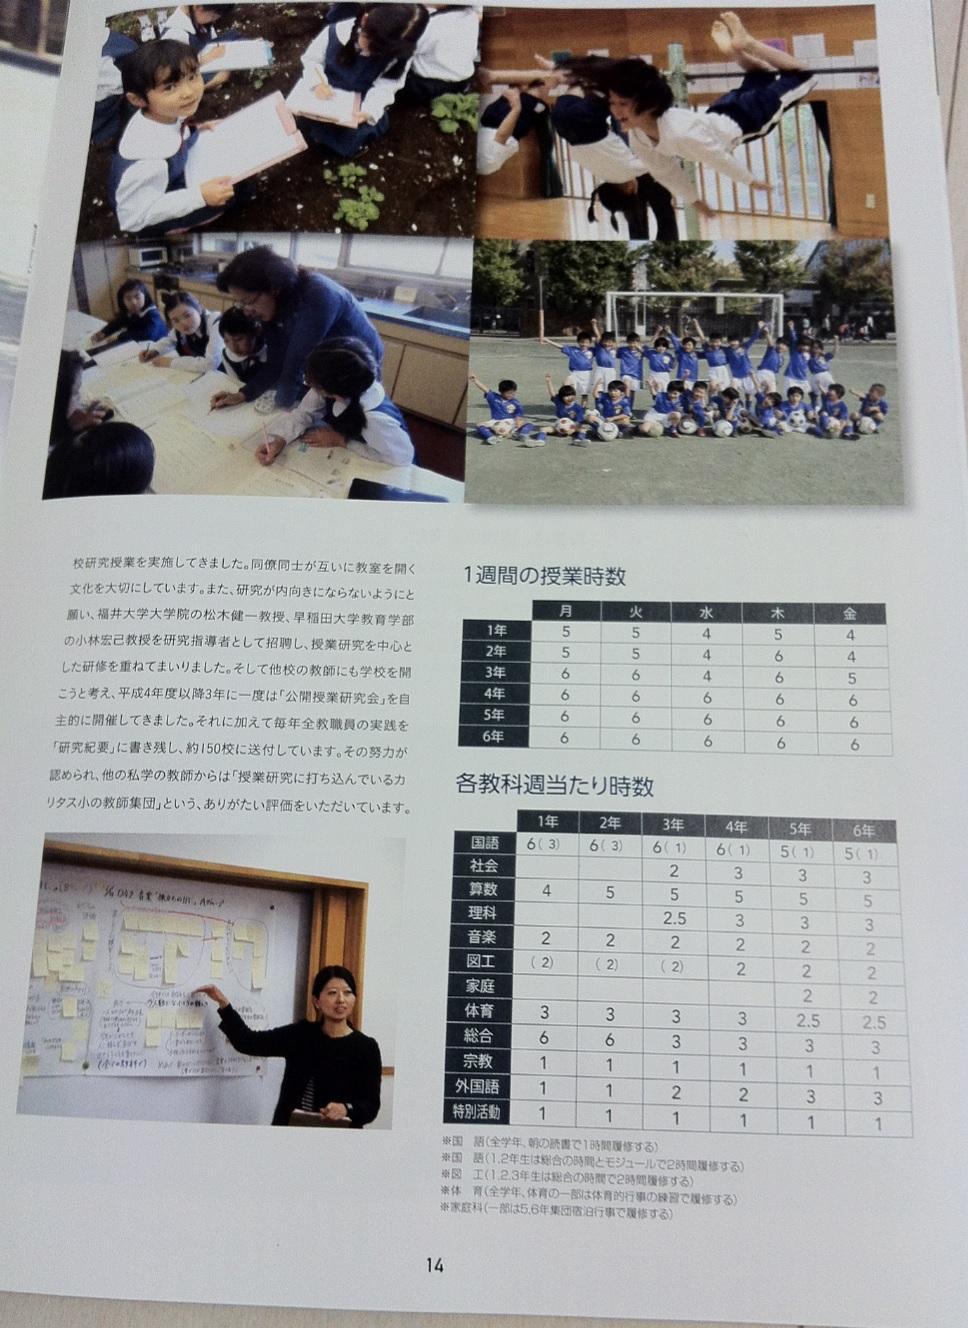 カリタス小学校の学校案内パンフレット(14ページ目)の画像キャプチャ